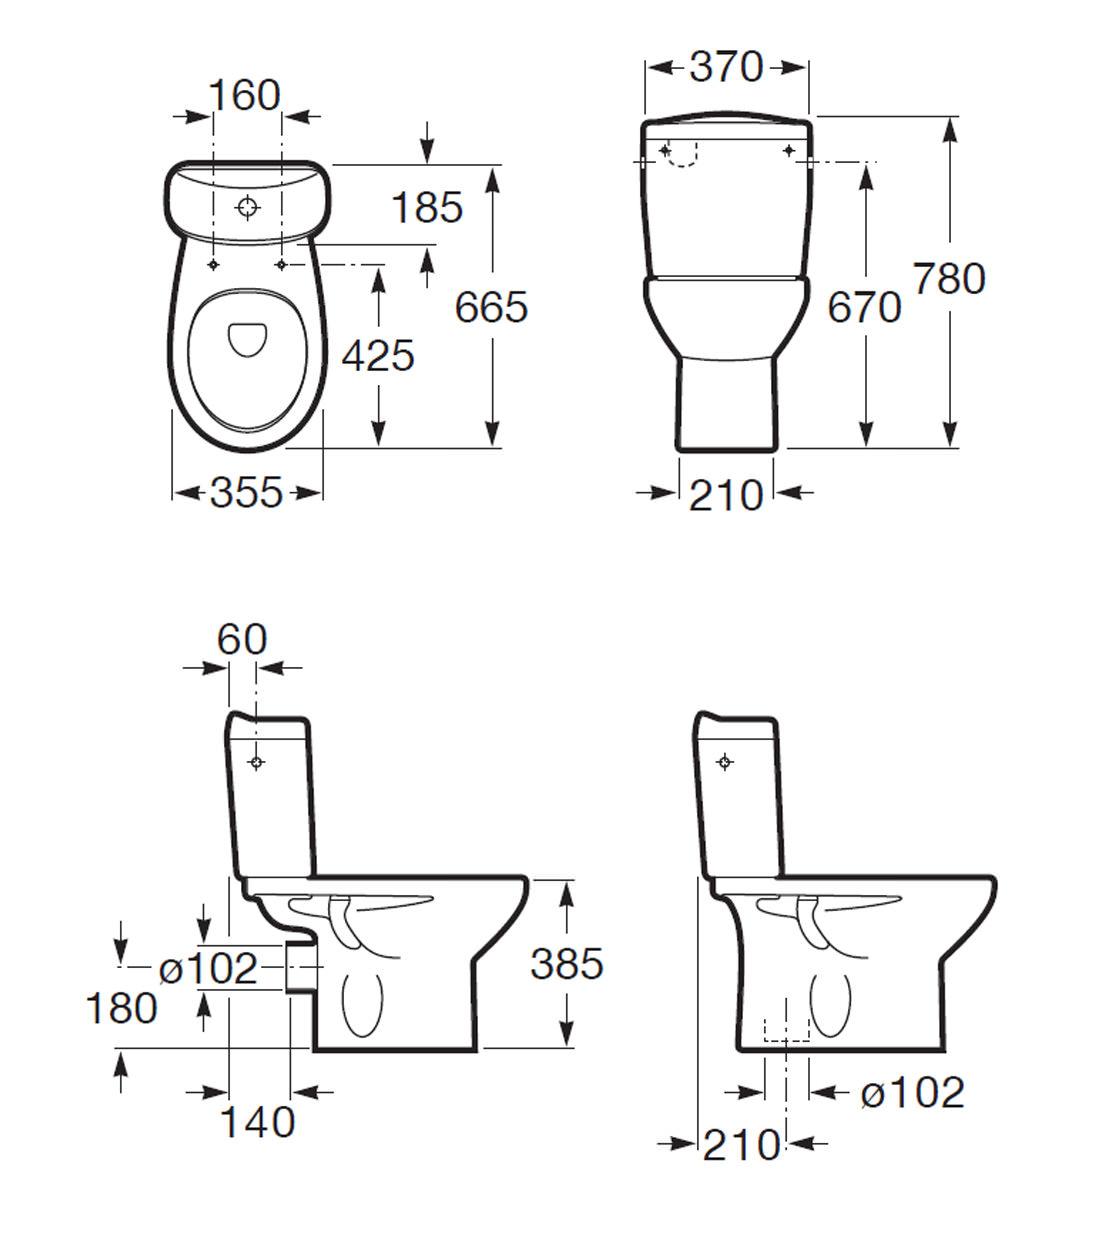 Stainless Steel Bathroom Sinks. Image Result For Stainless Steel Bathroom Sinks